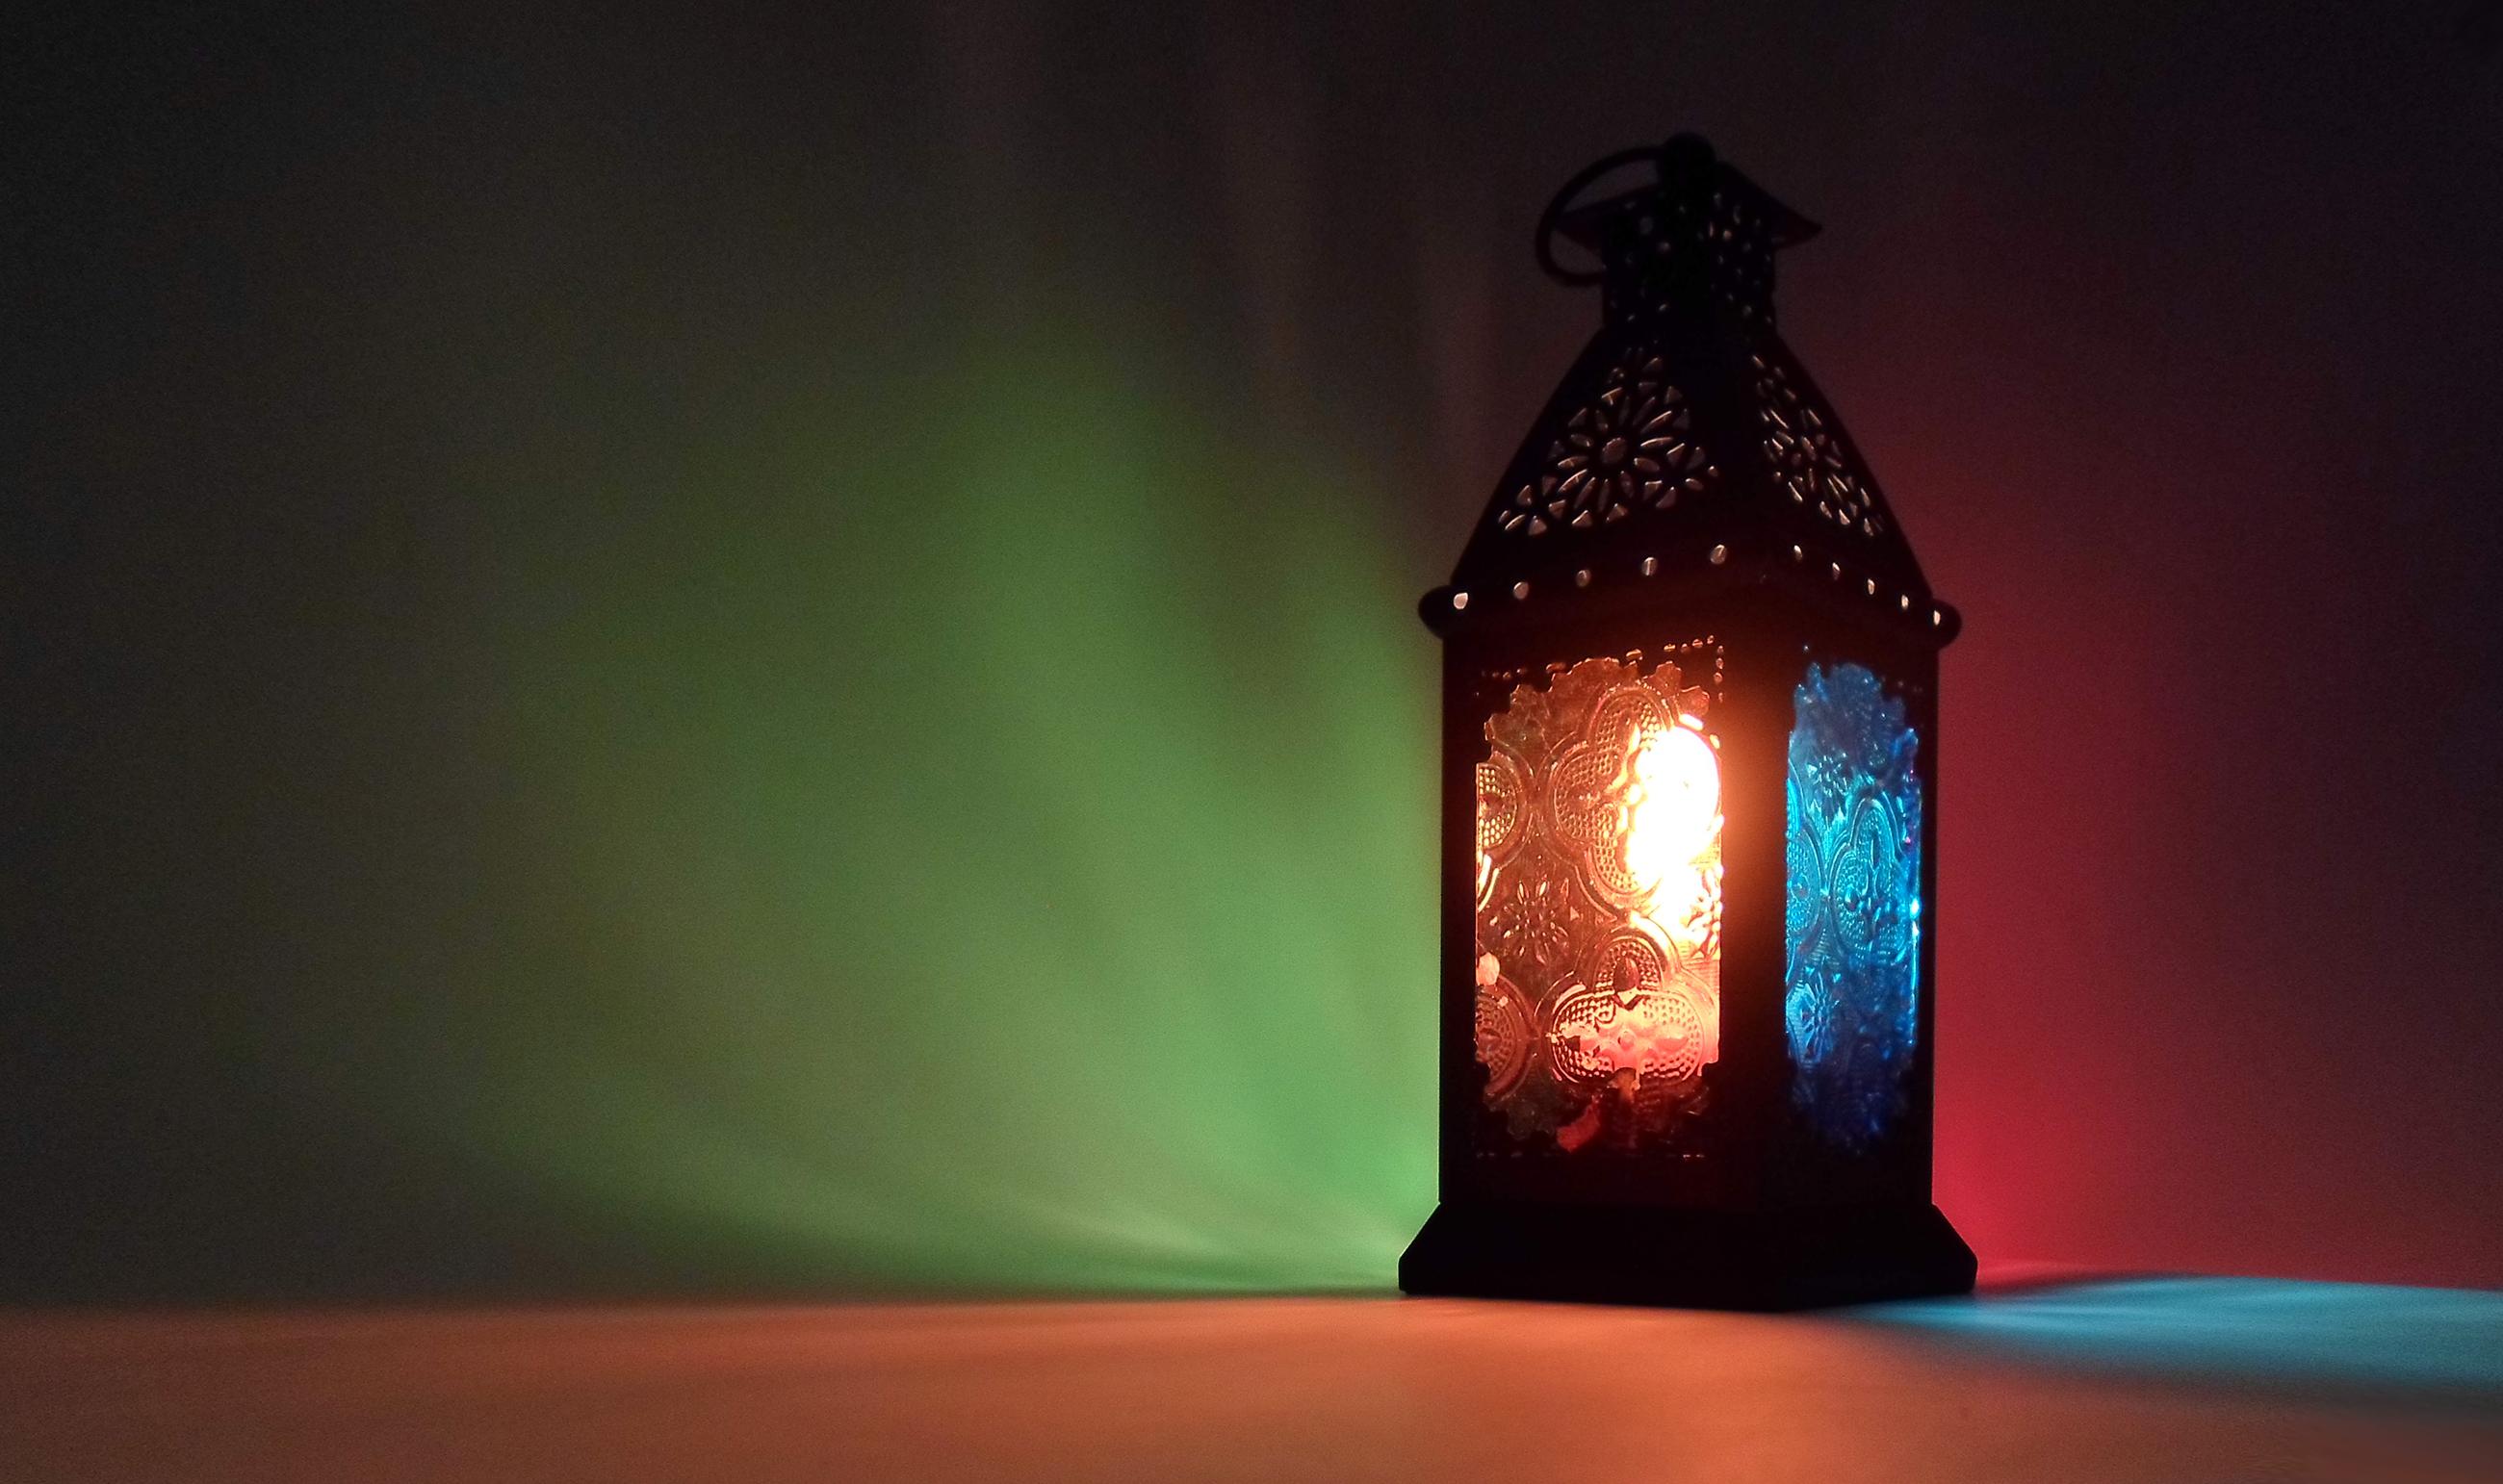 صور و خلفيات فوانيس رمضان لسطح المكتب اهديها لمن تحب   Fanous_Ramadan